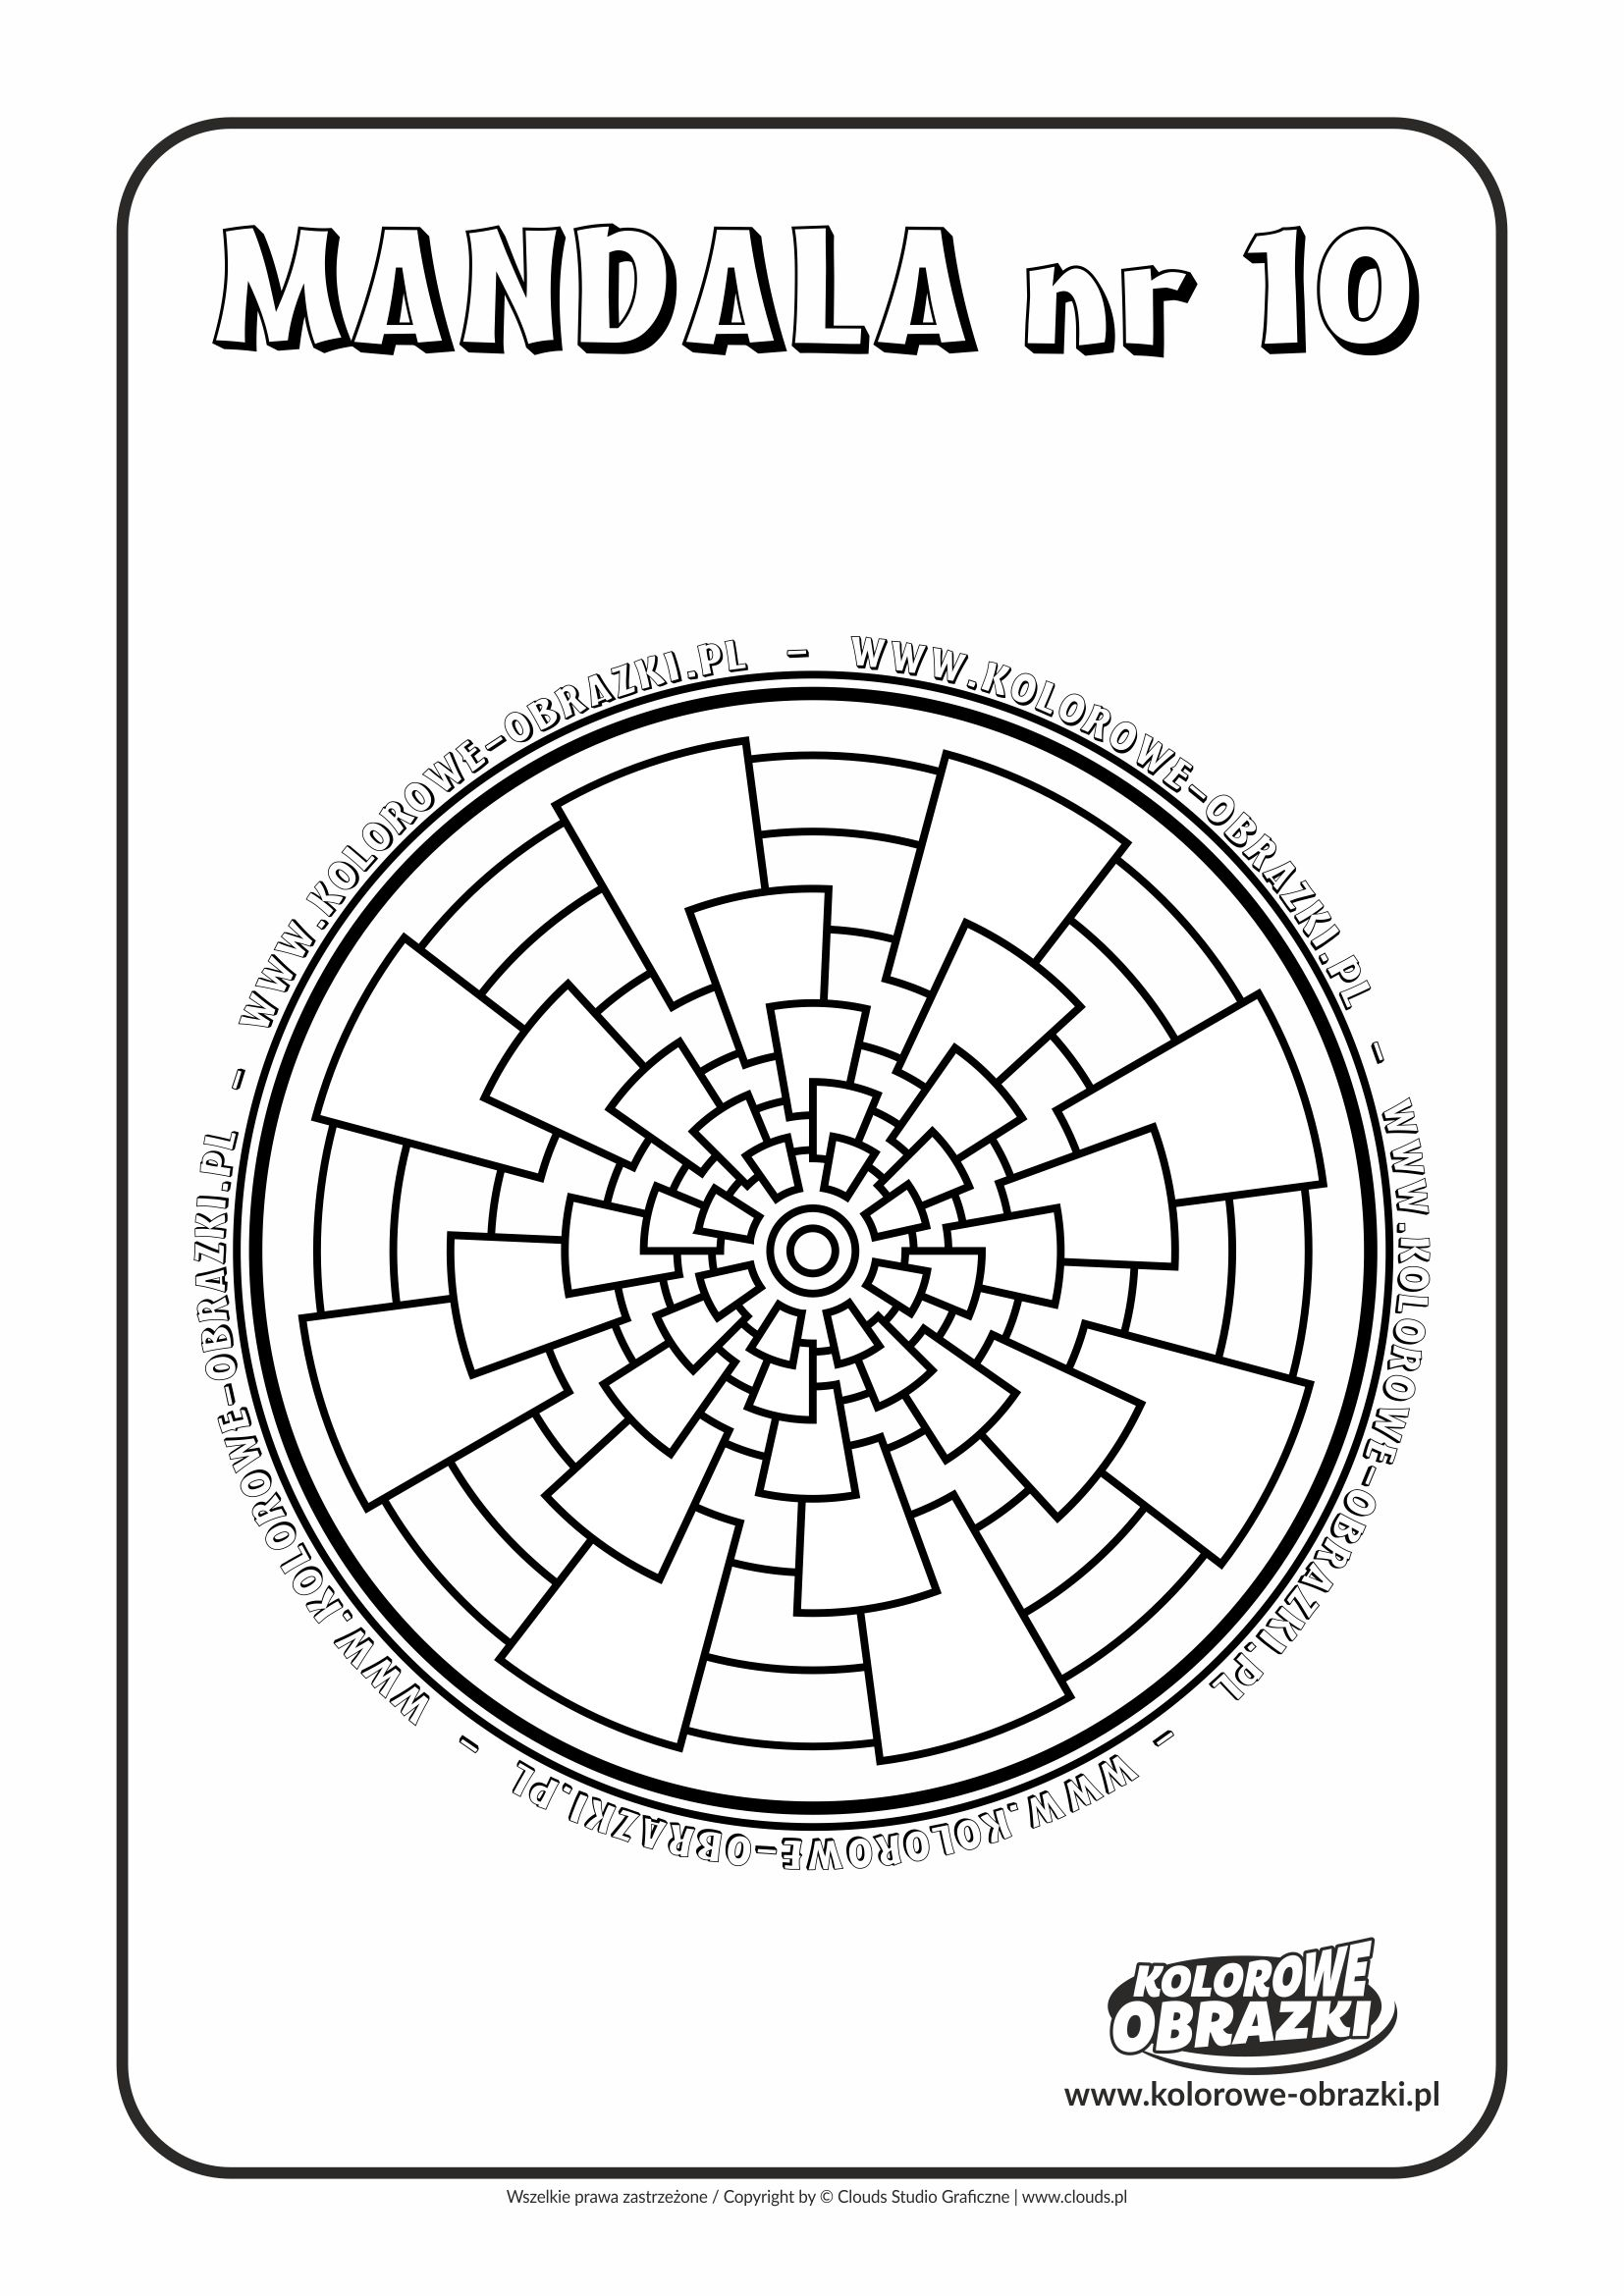 Kolorowanki dla dzieci - Mandale / Mandala nr 10. Kolorowanka z mandalą